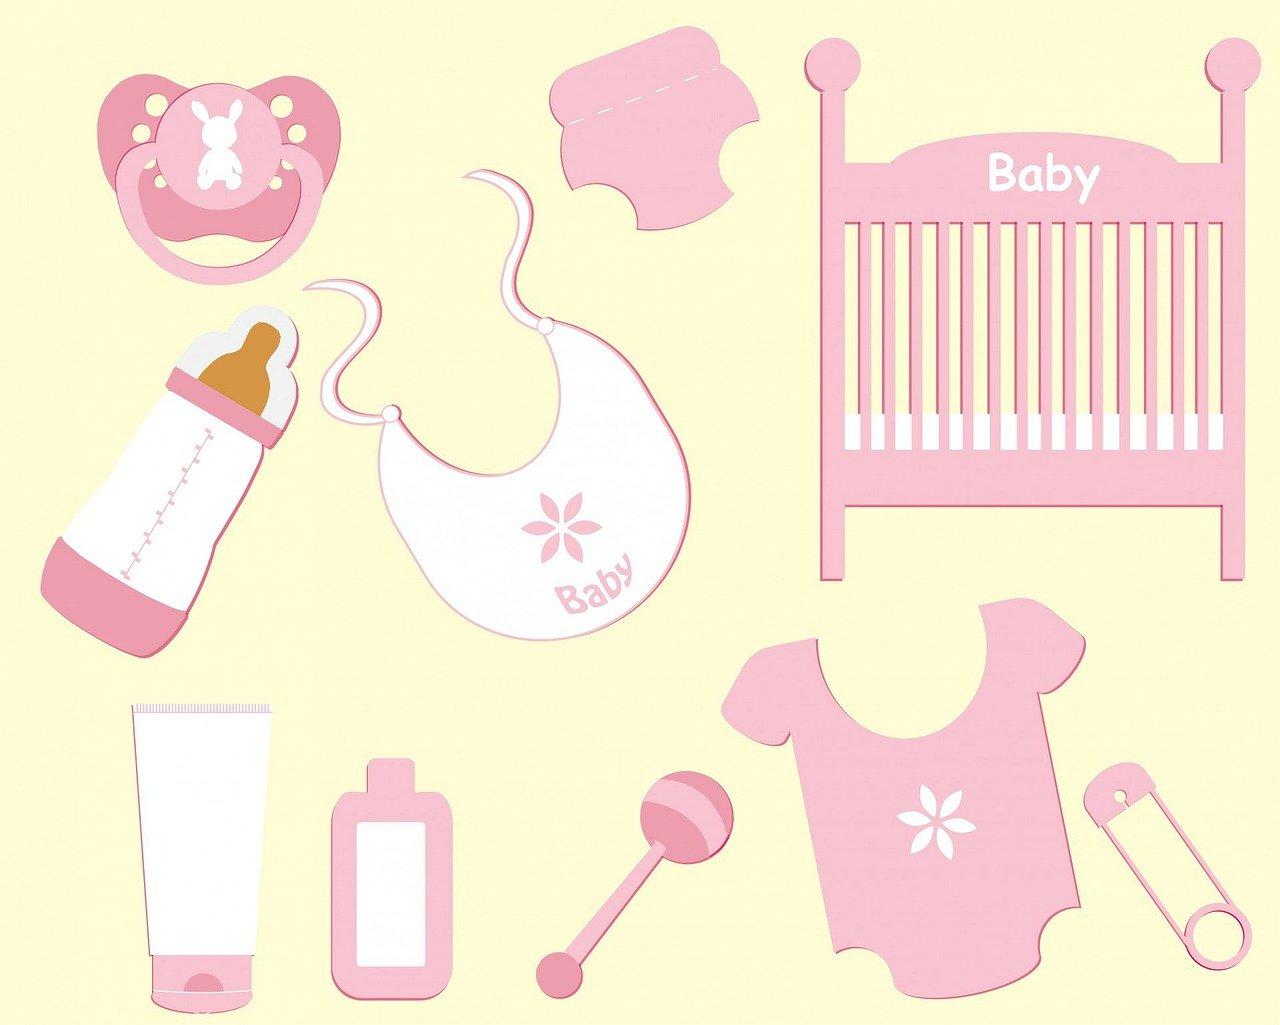 baby-220297_1280